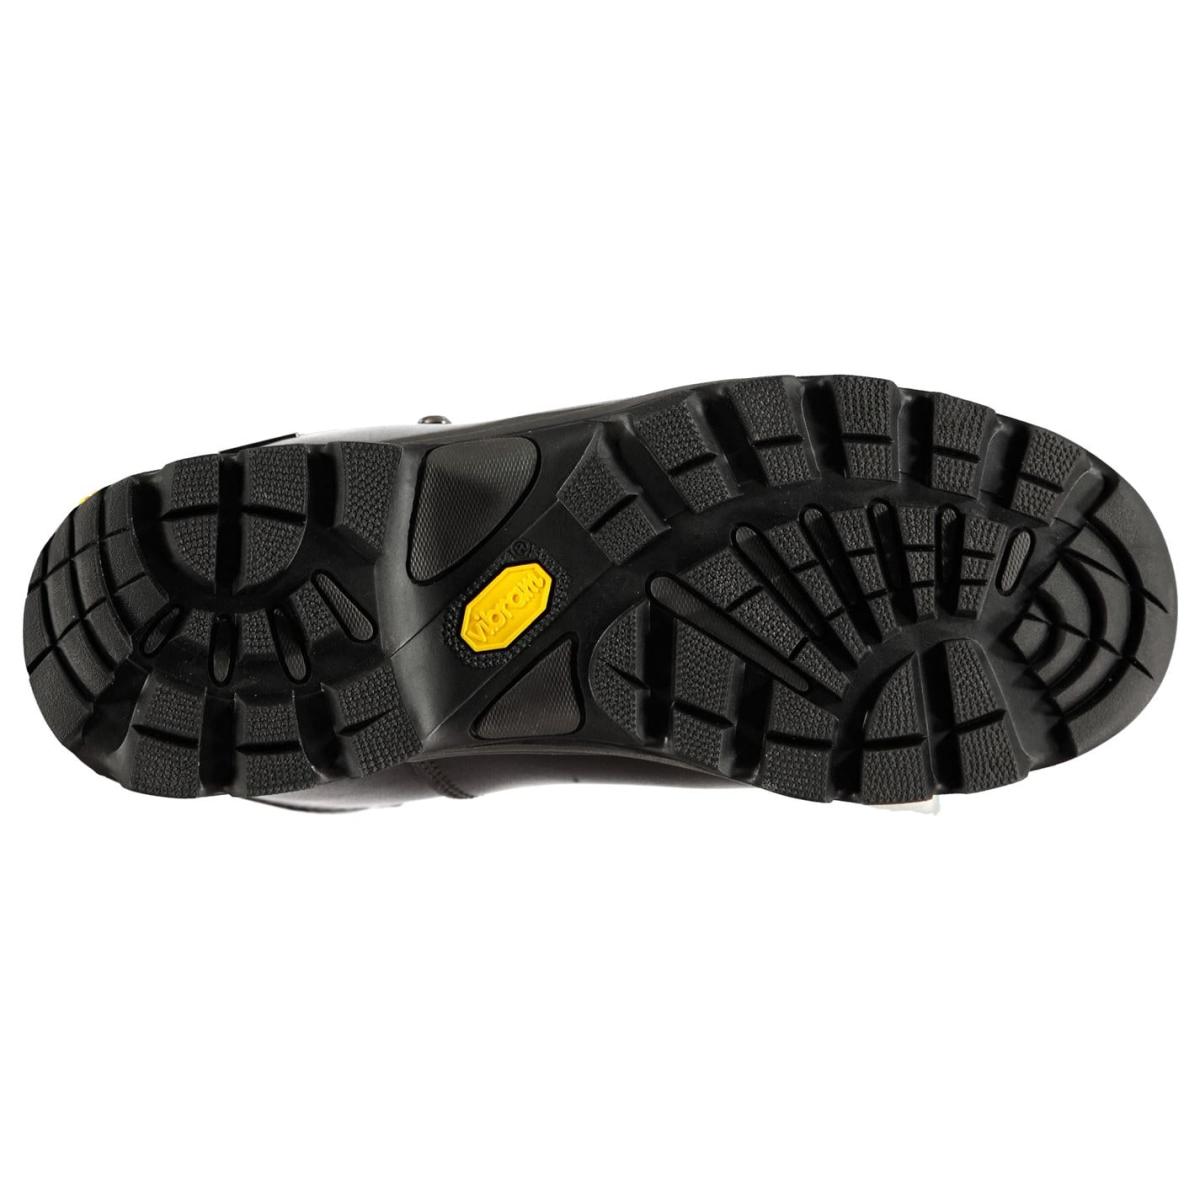 Karrimor noté botín de senderisml caballero zapatillas trekking outdoor zapatos 2061